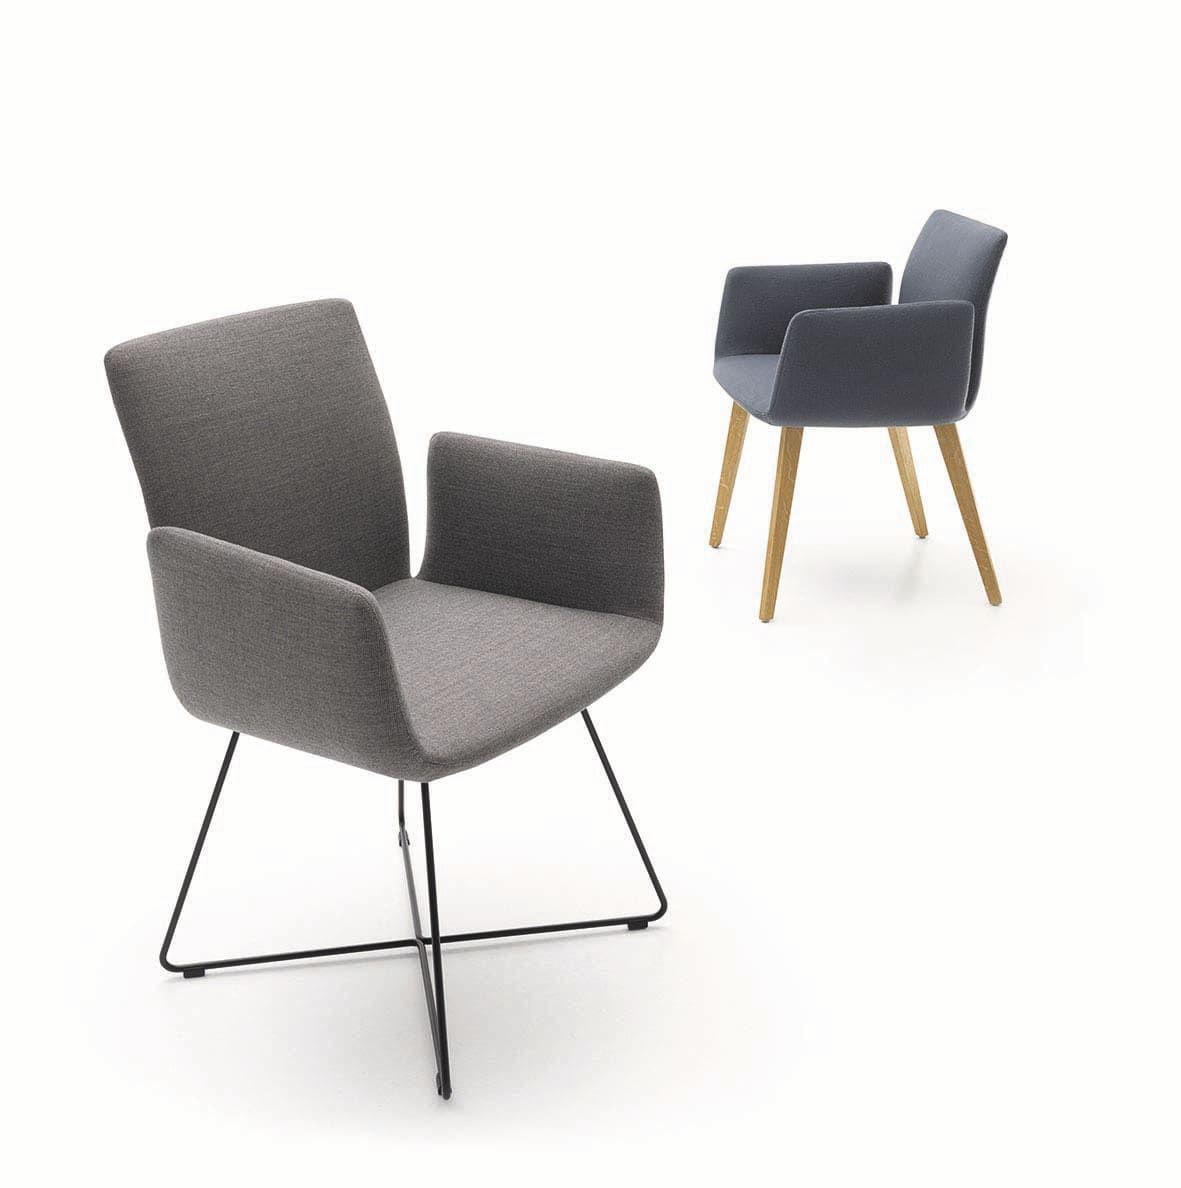 Stuhl Sessel Mit Armlehne Esszimmer Sessel Stuhl Mit Armlehne Stuhle